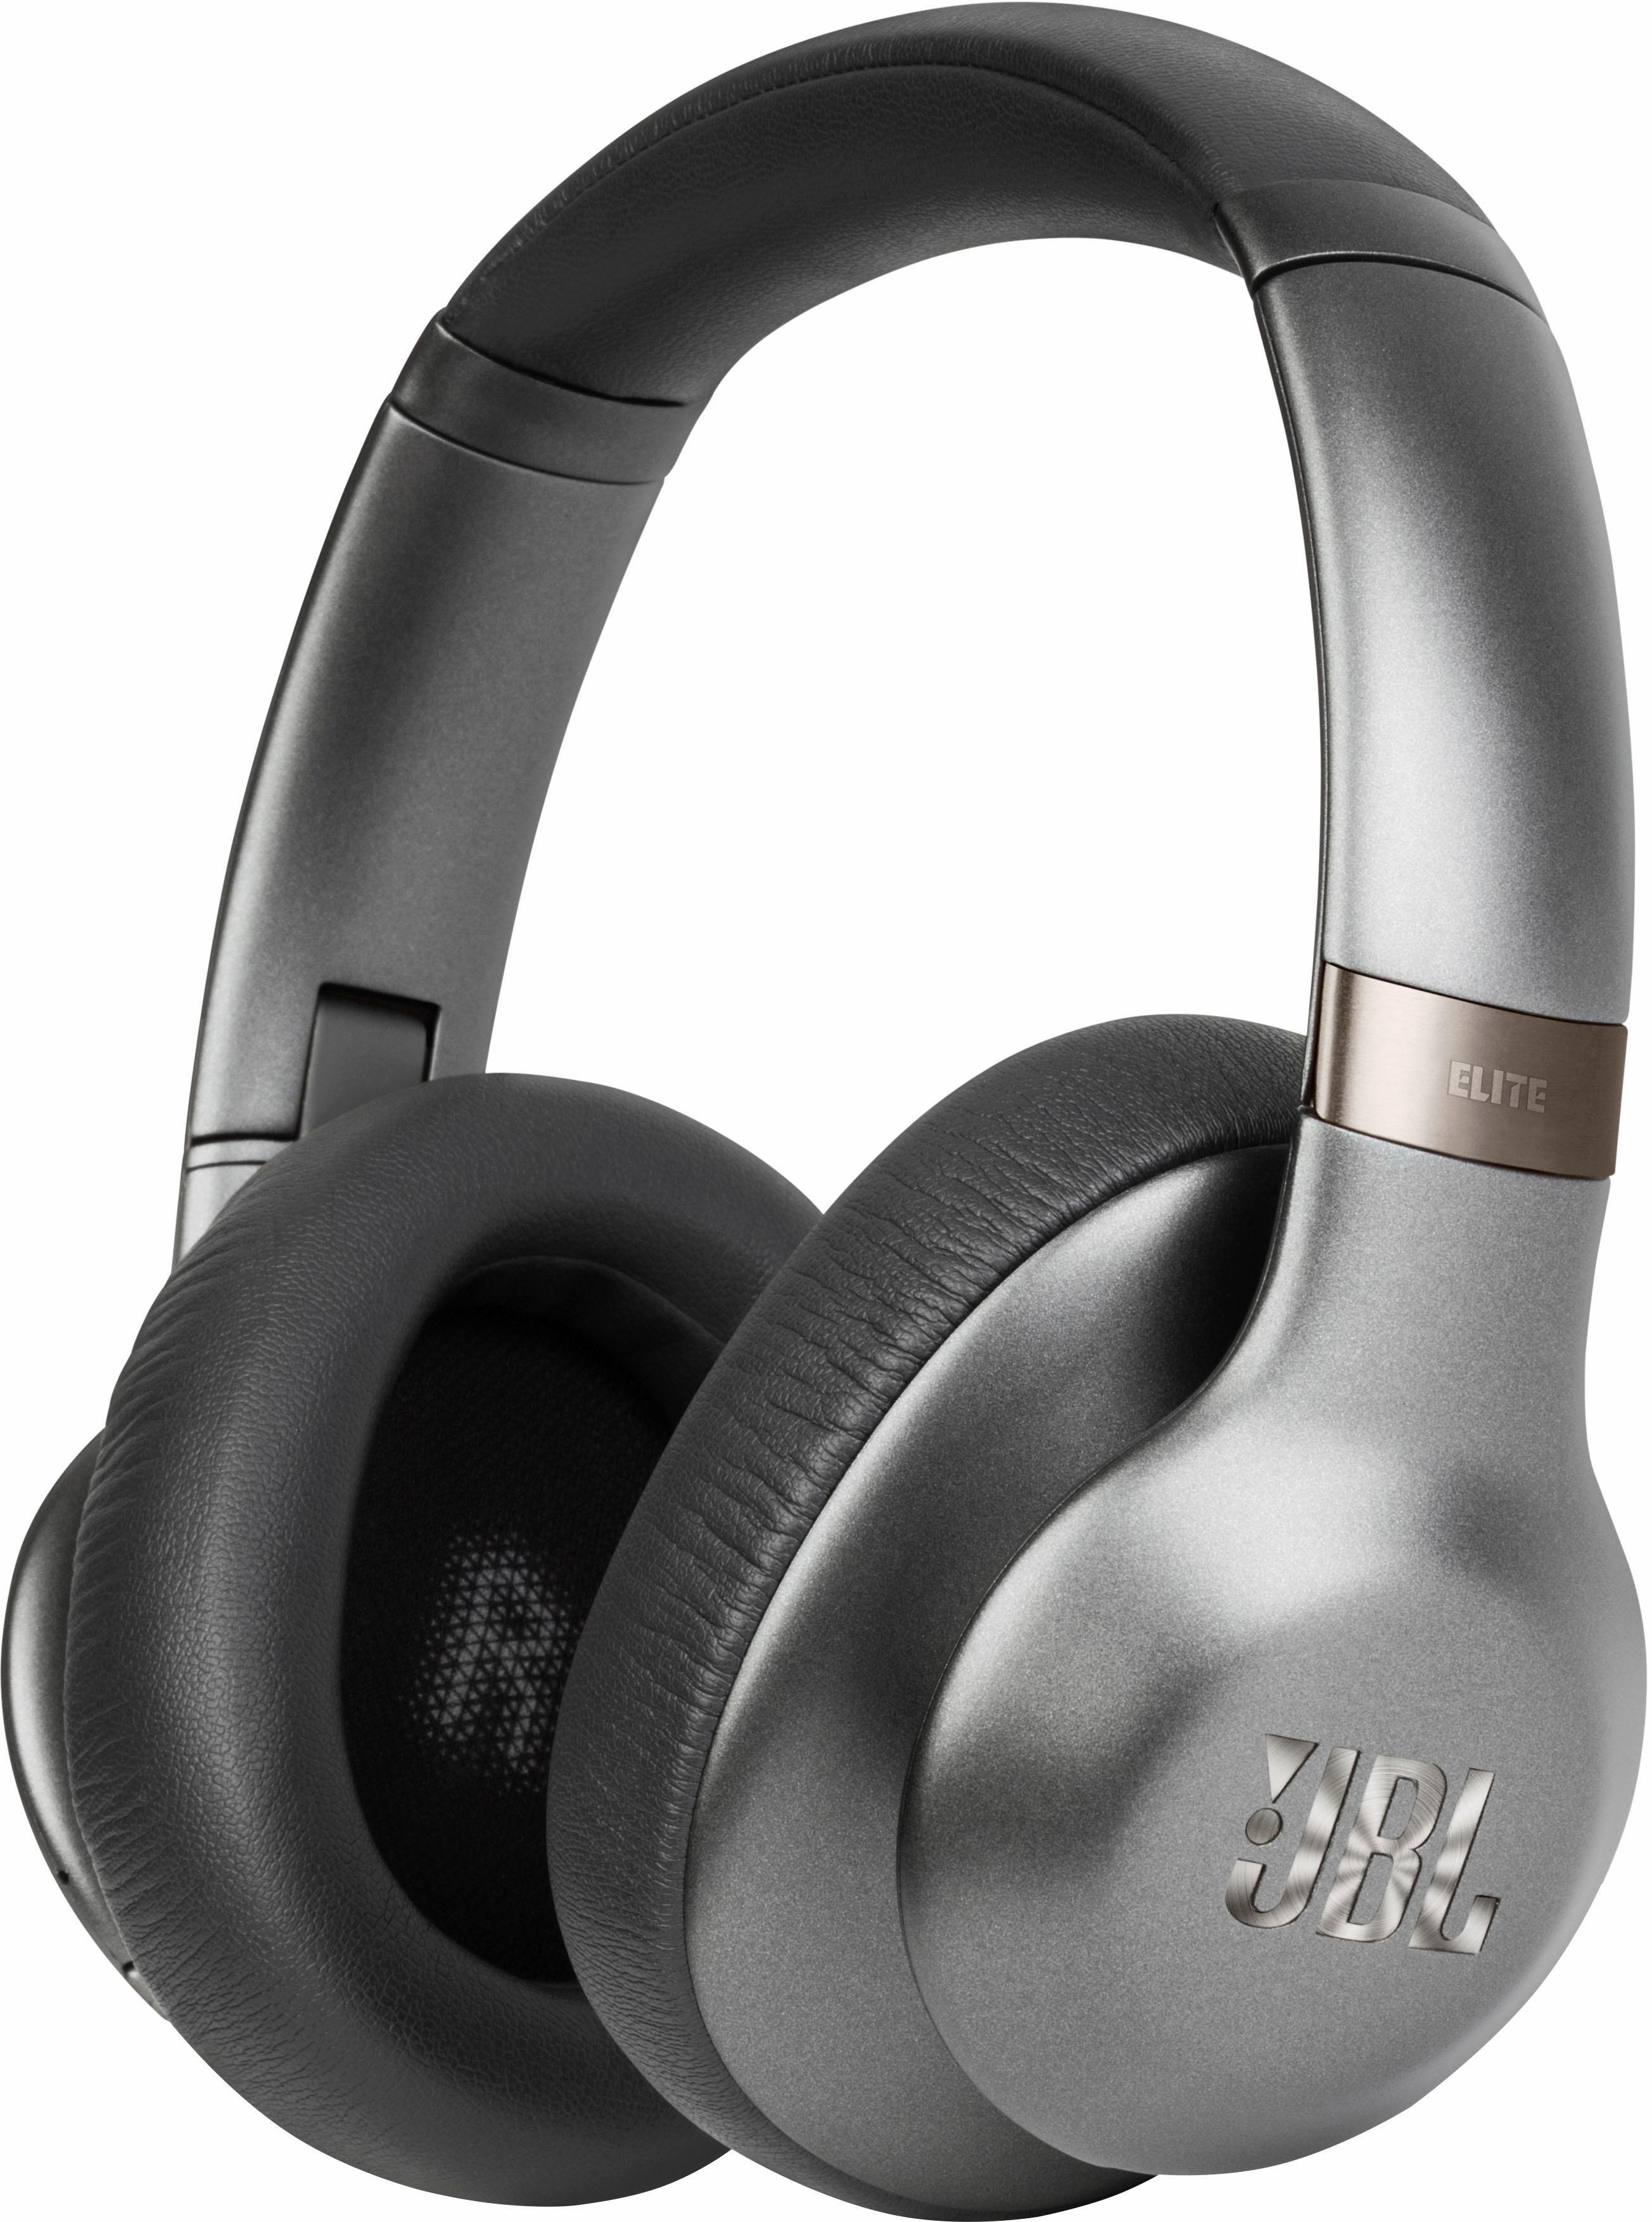 Op zoek naar een JBL Everest V 750 on-ear-hoofdtelefoon? Koop online bij OTTO